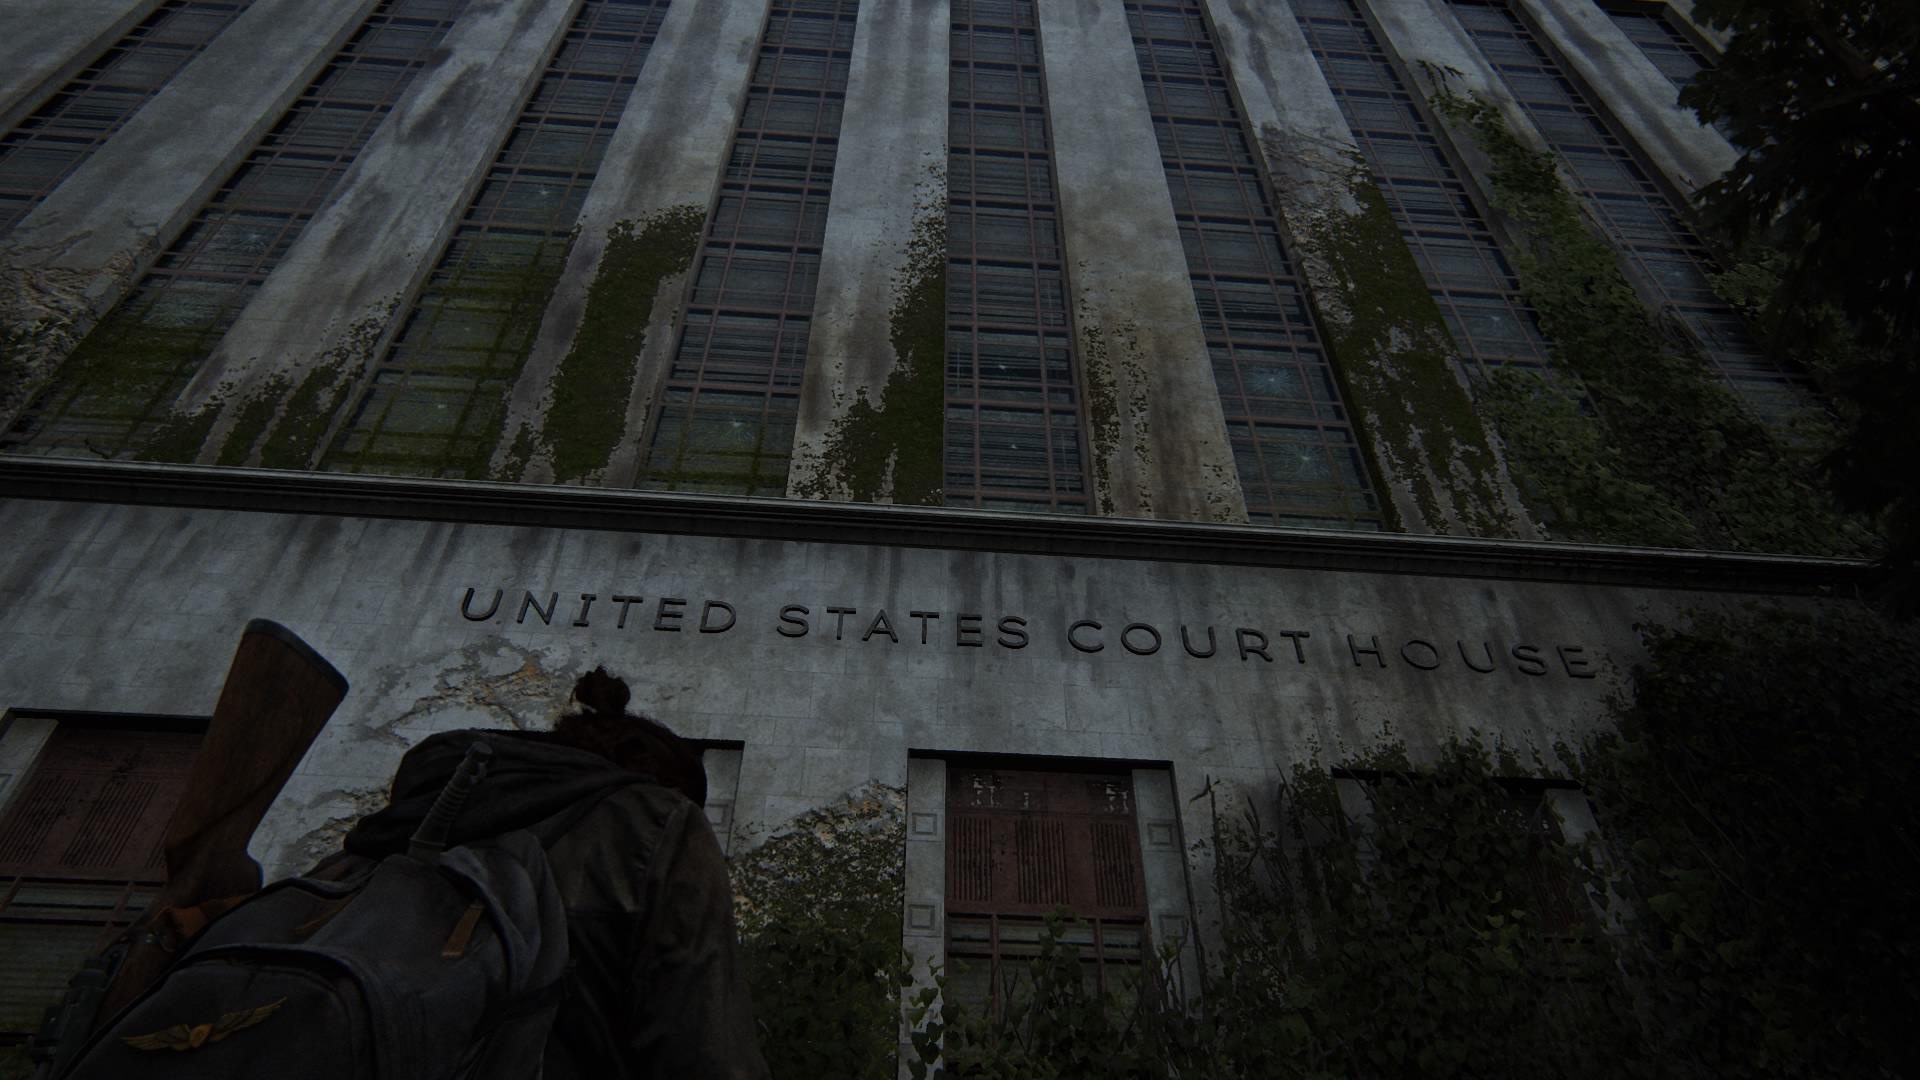 ... Das Nötige Benzin In Der Garage Des US-Gerichtsgebäudes Geholt Werden.